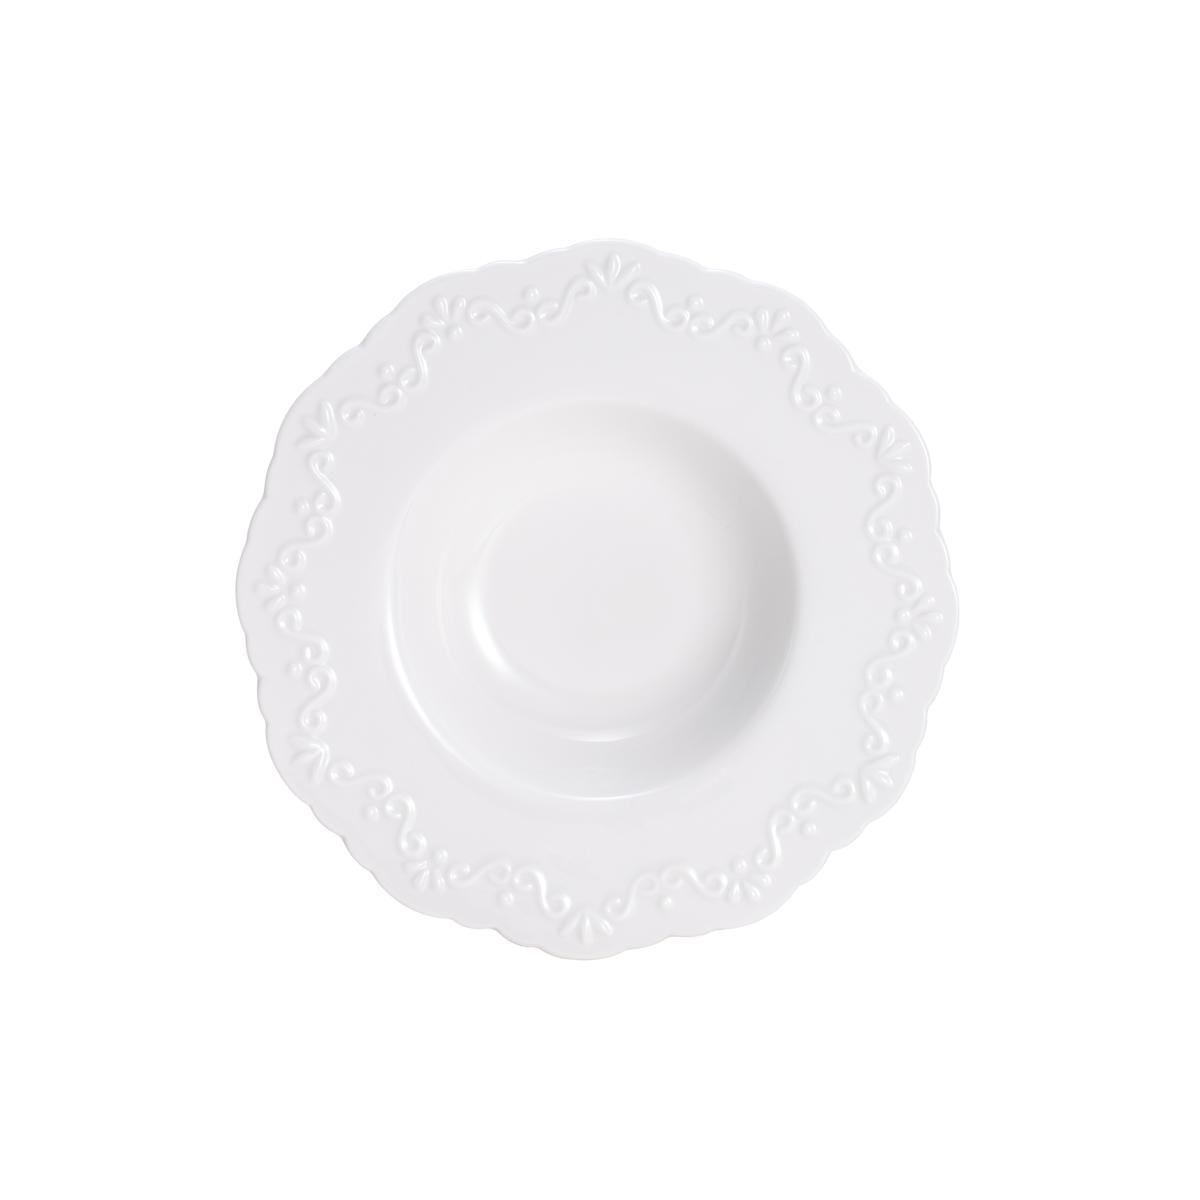 Prato em Porcelana para Massa/Risoto 24cm